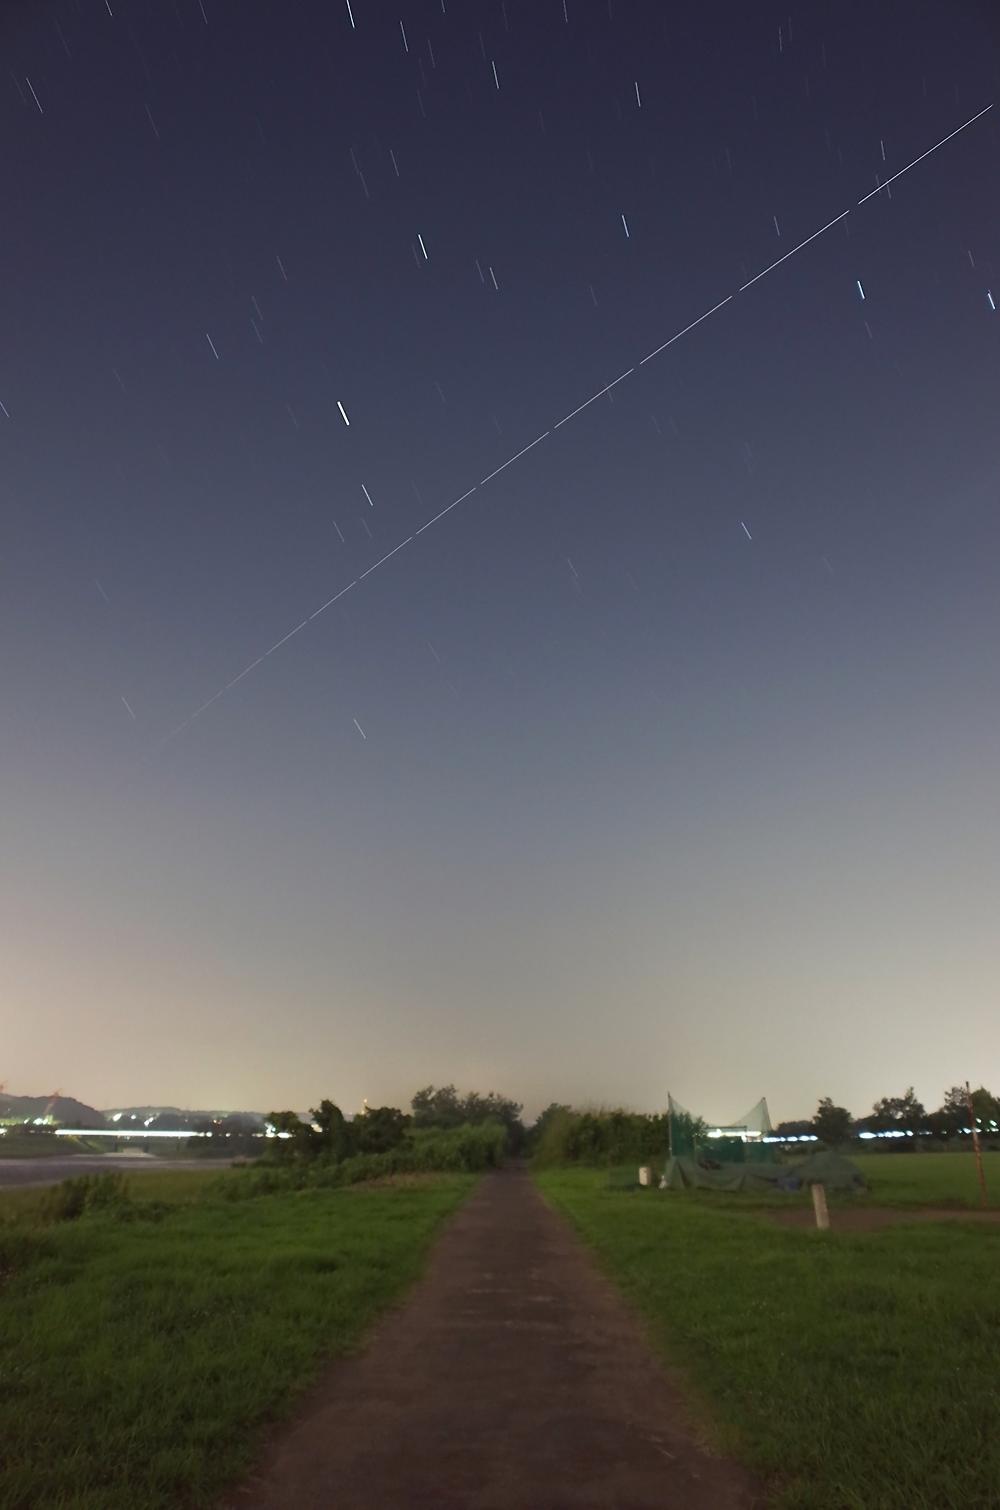 国際宇宙ステーション(ISS)の軌跡 2015年8月31日